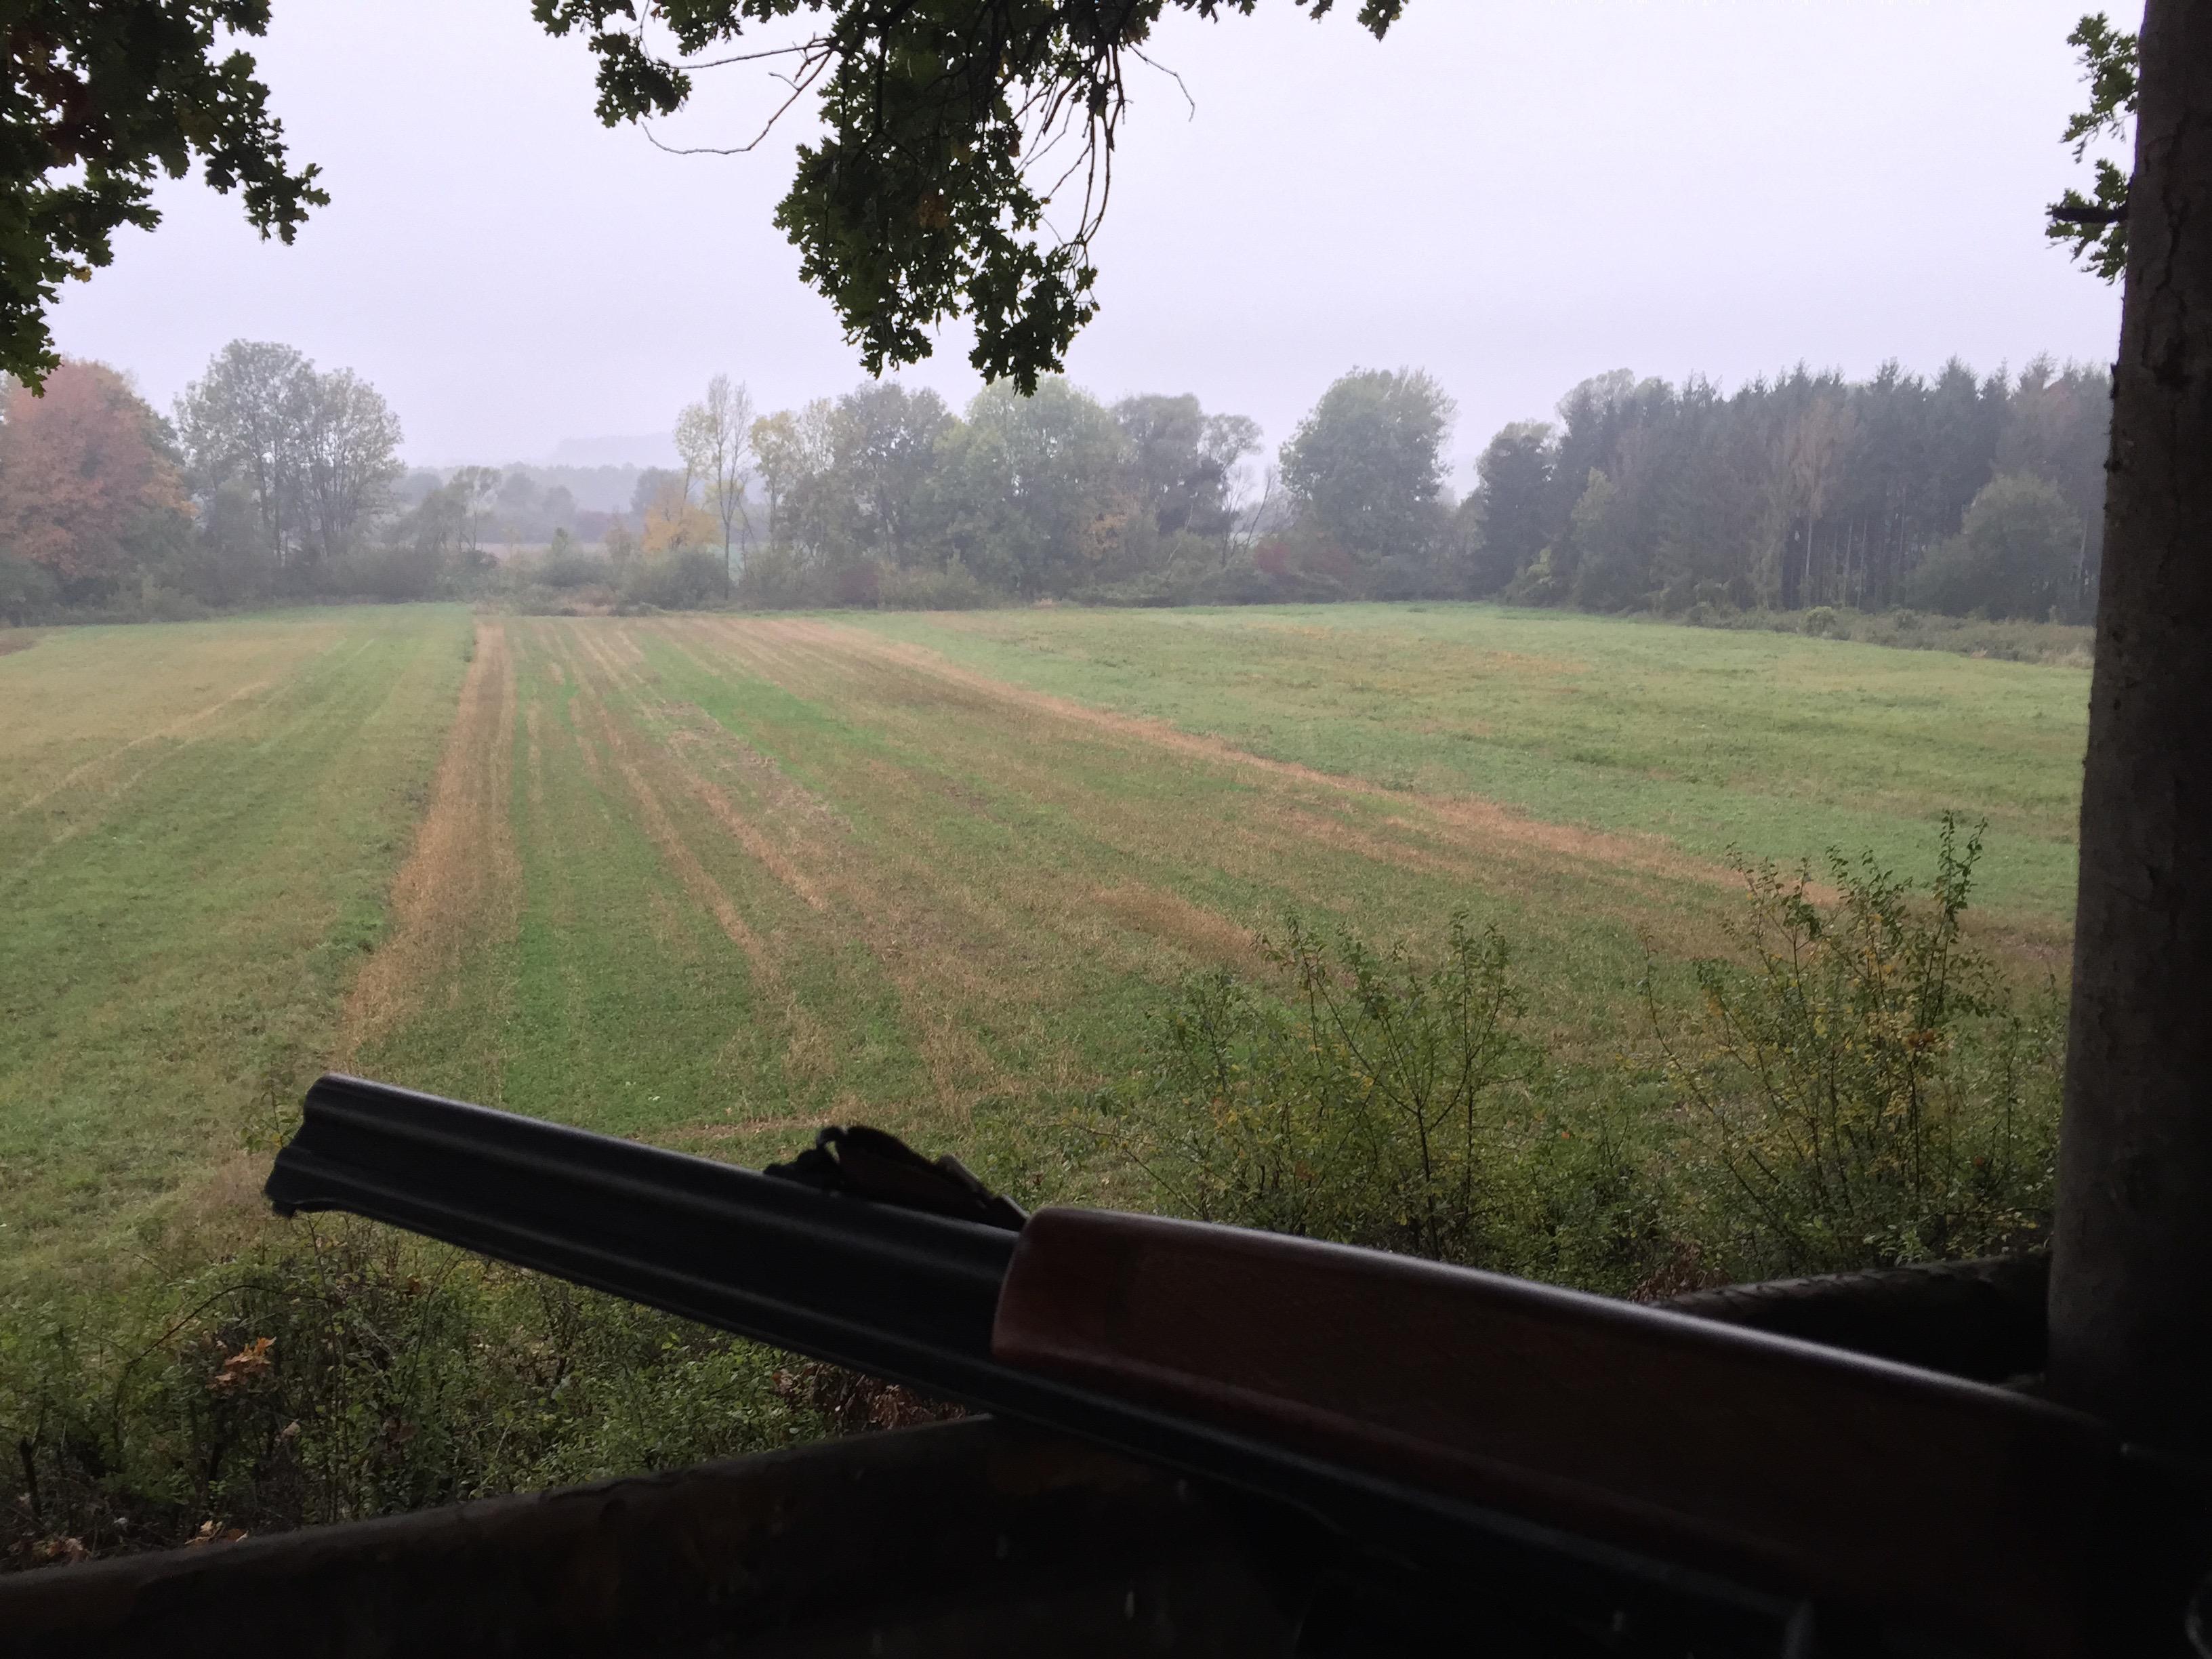 Vollmond Jagd Entfernungsmesser : Jagd und natur u alles für jäger hund outdoorfan